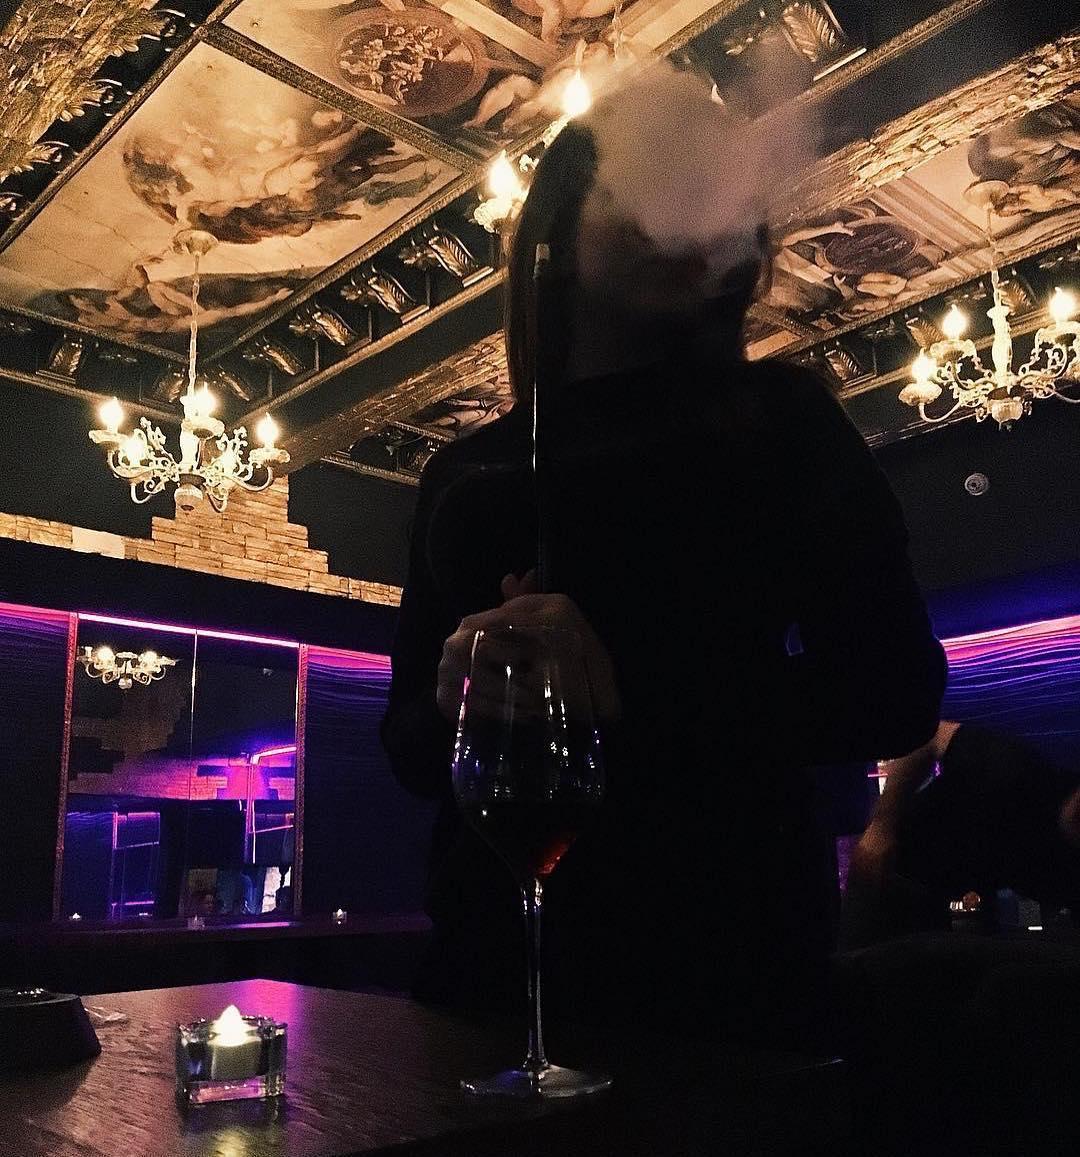 Blow клуб москва на арбате ночные клубы метро пражское